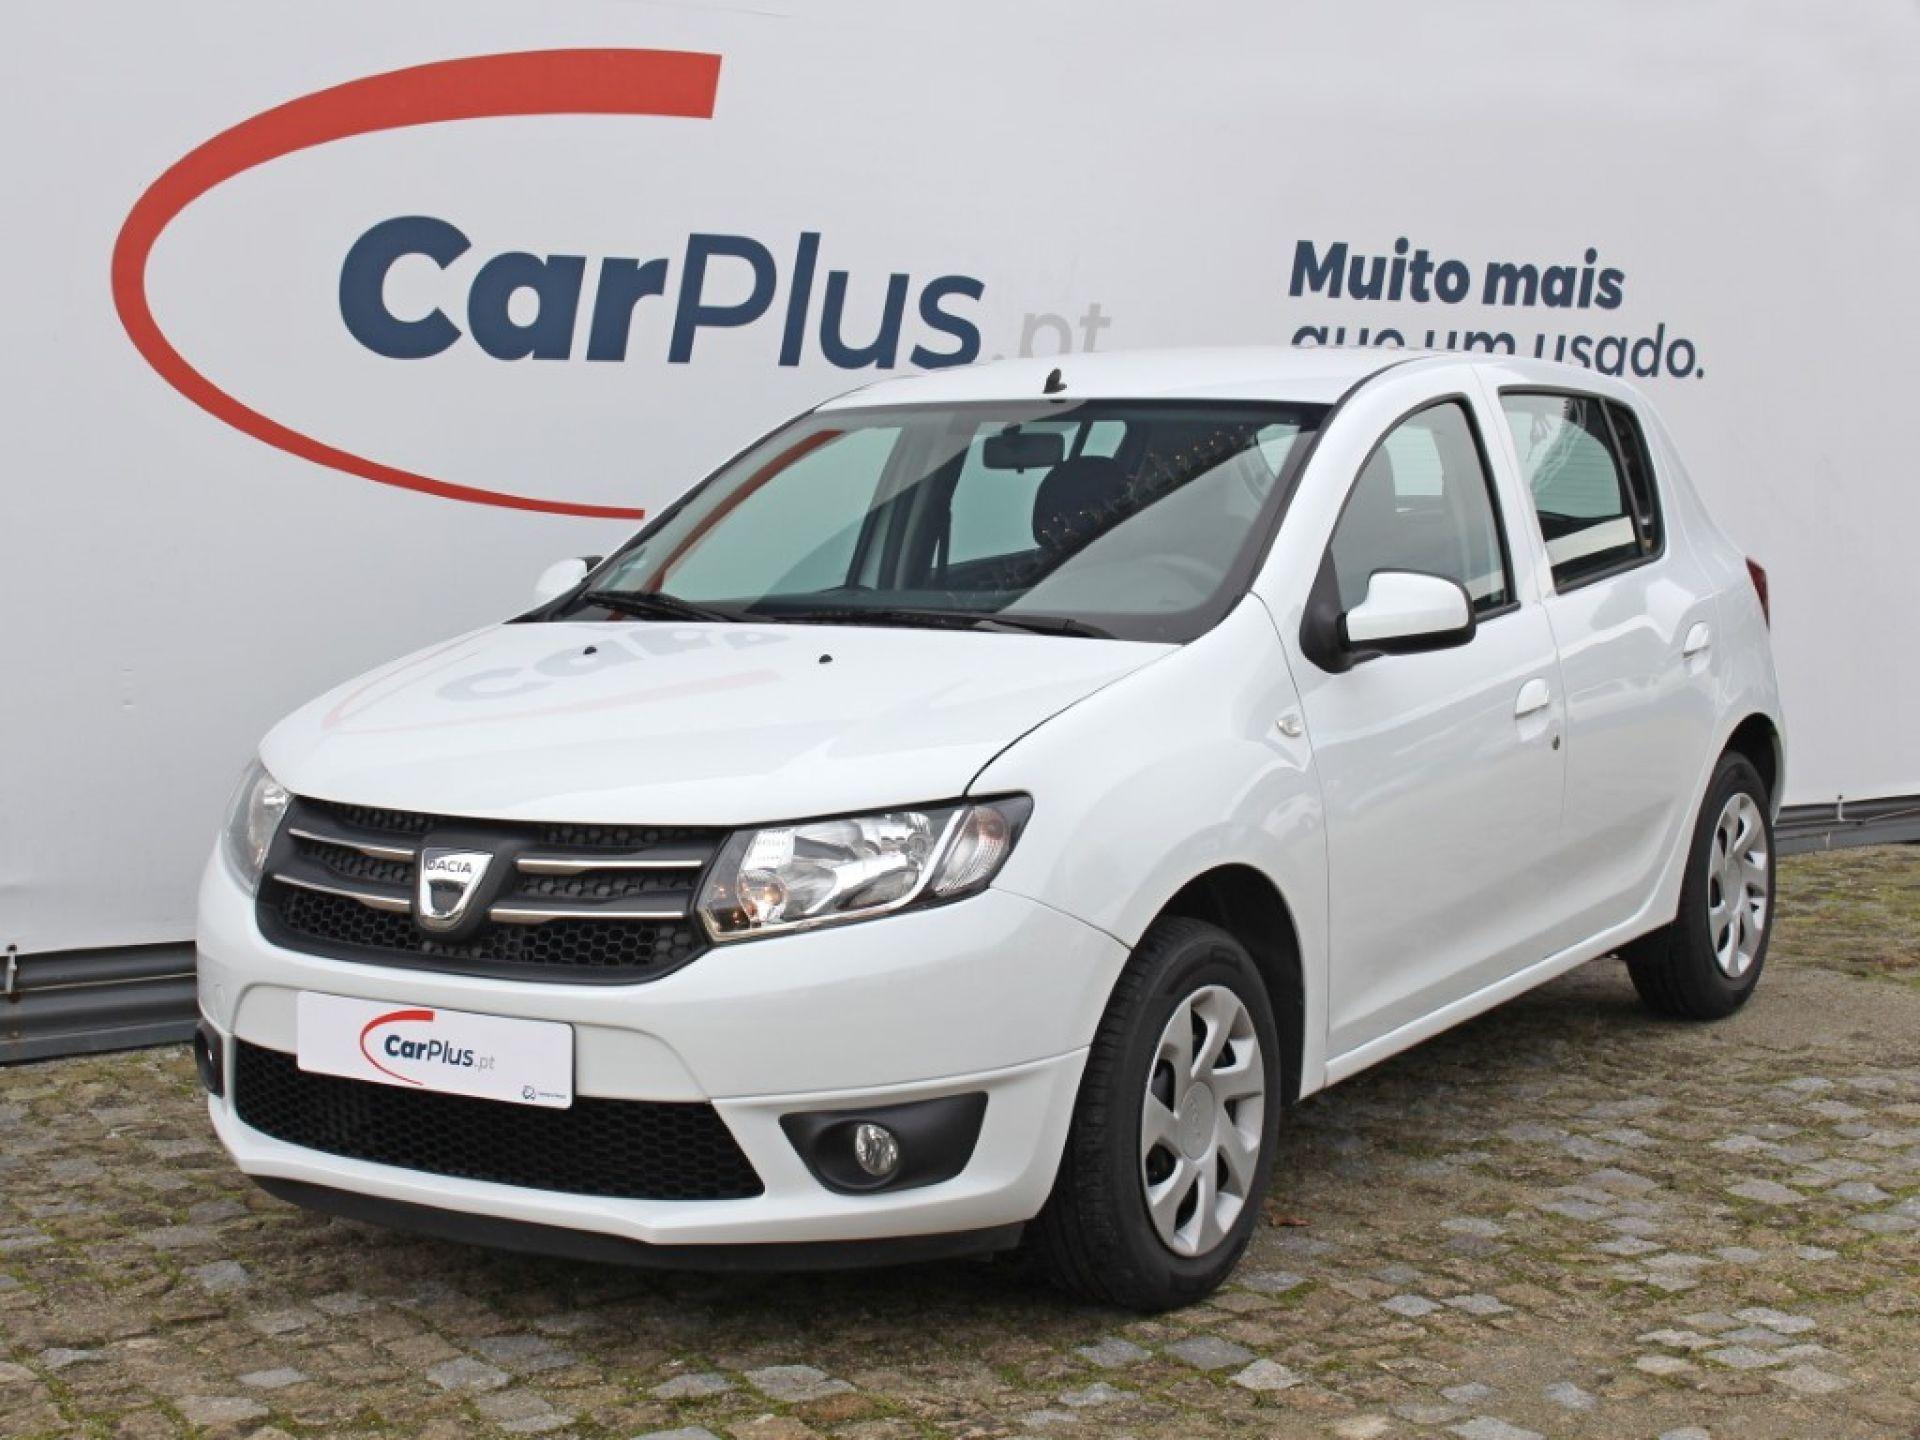 Dacia Sandero Branco Segunda Mao 5283